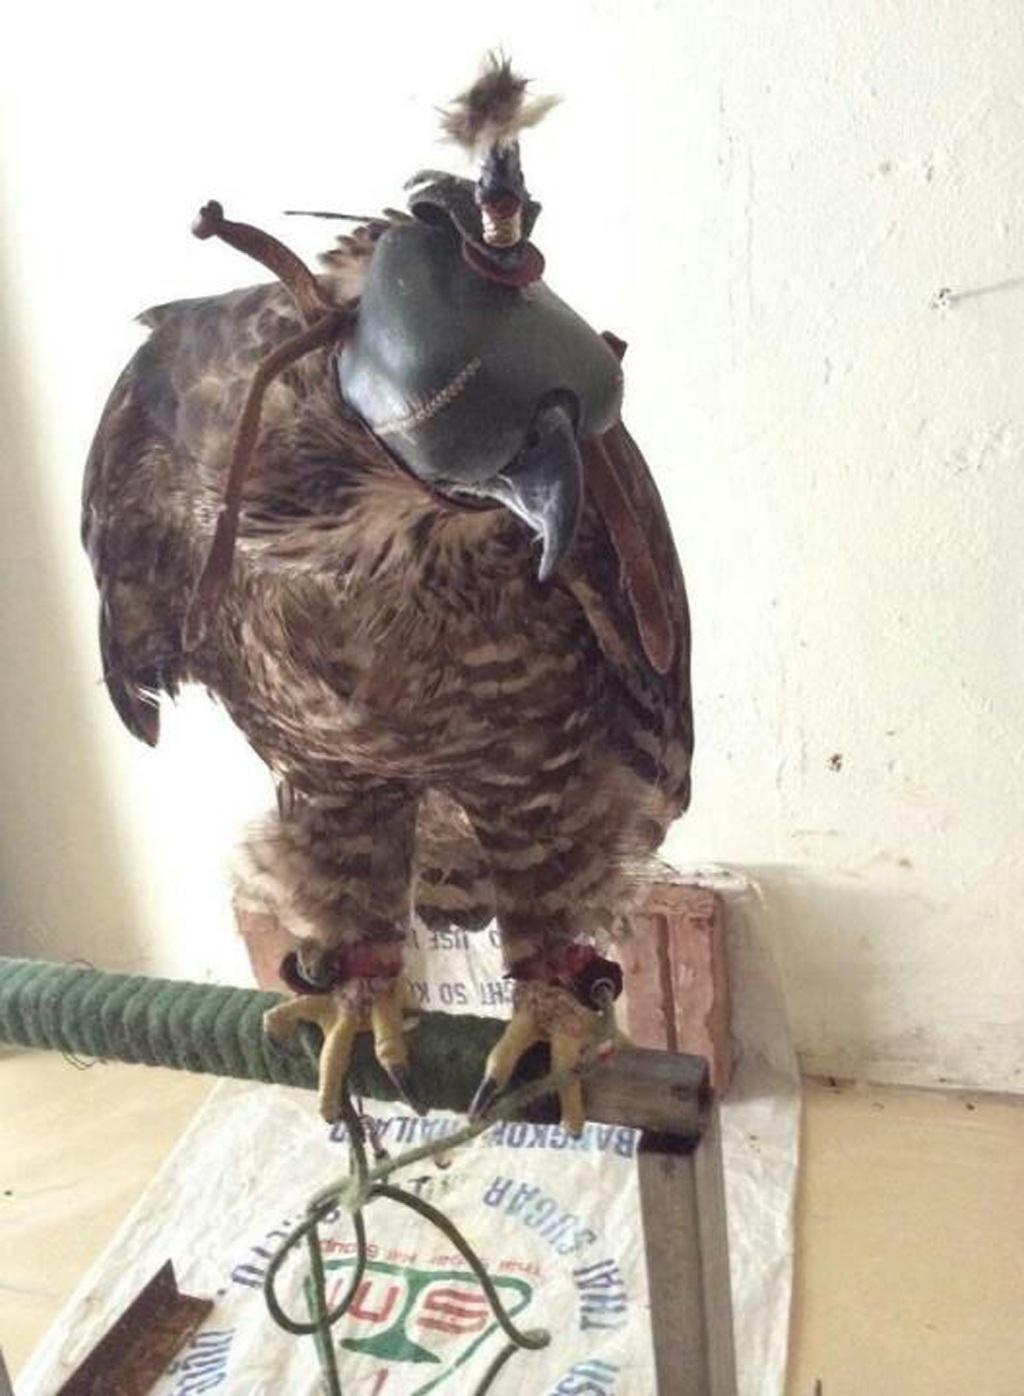 Chinh rao bán chim đại bàng.